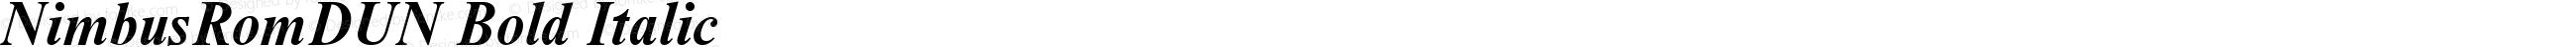 NimbusRomDUN Bold Italic